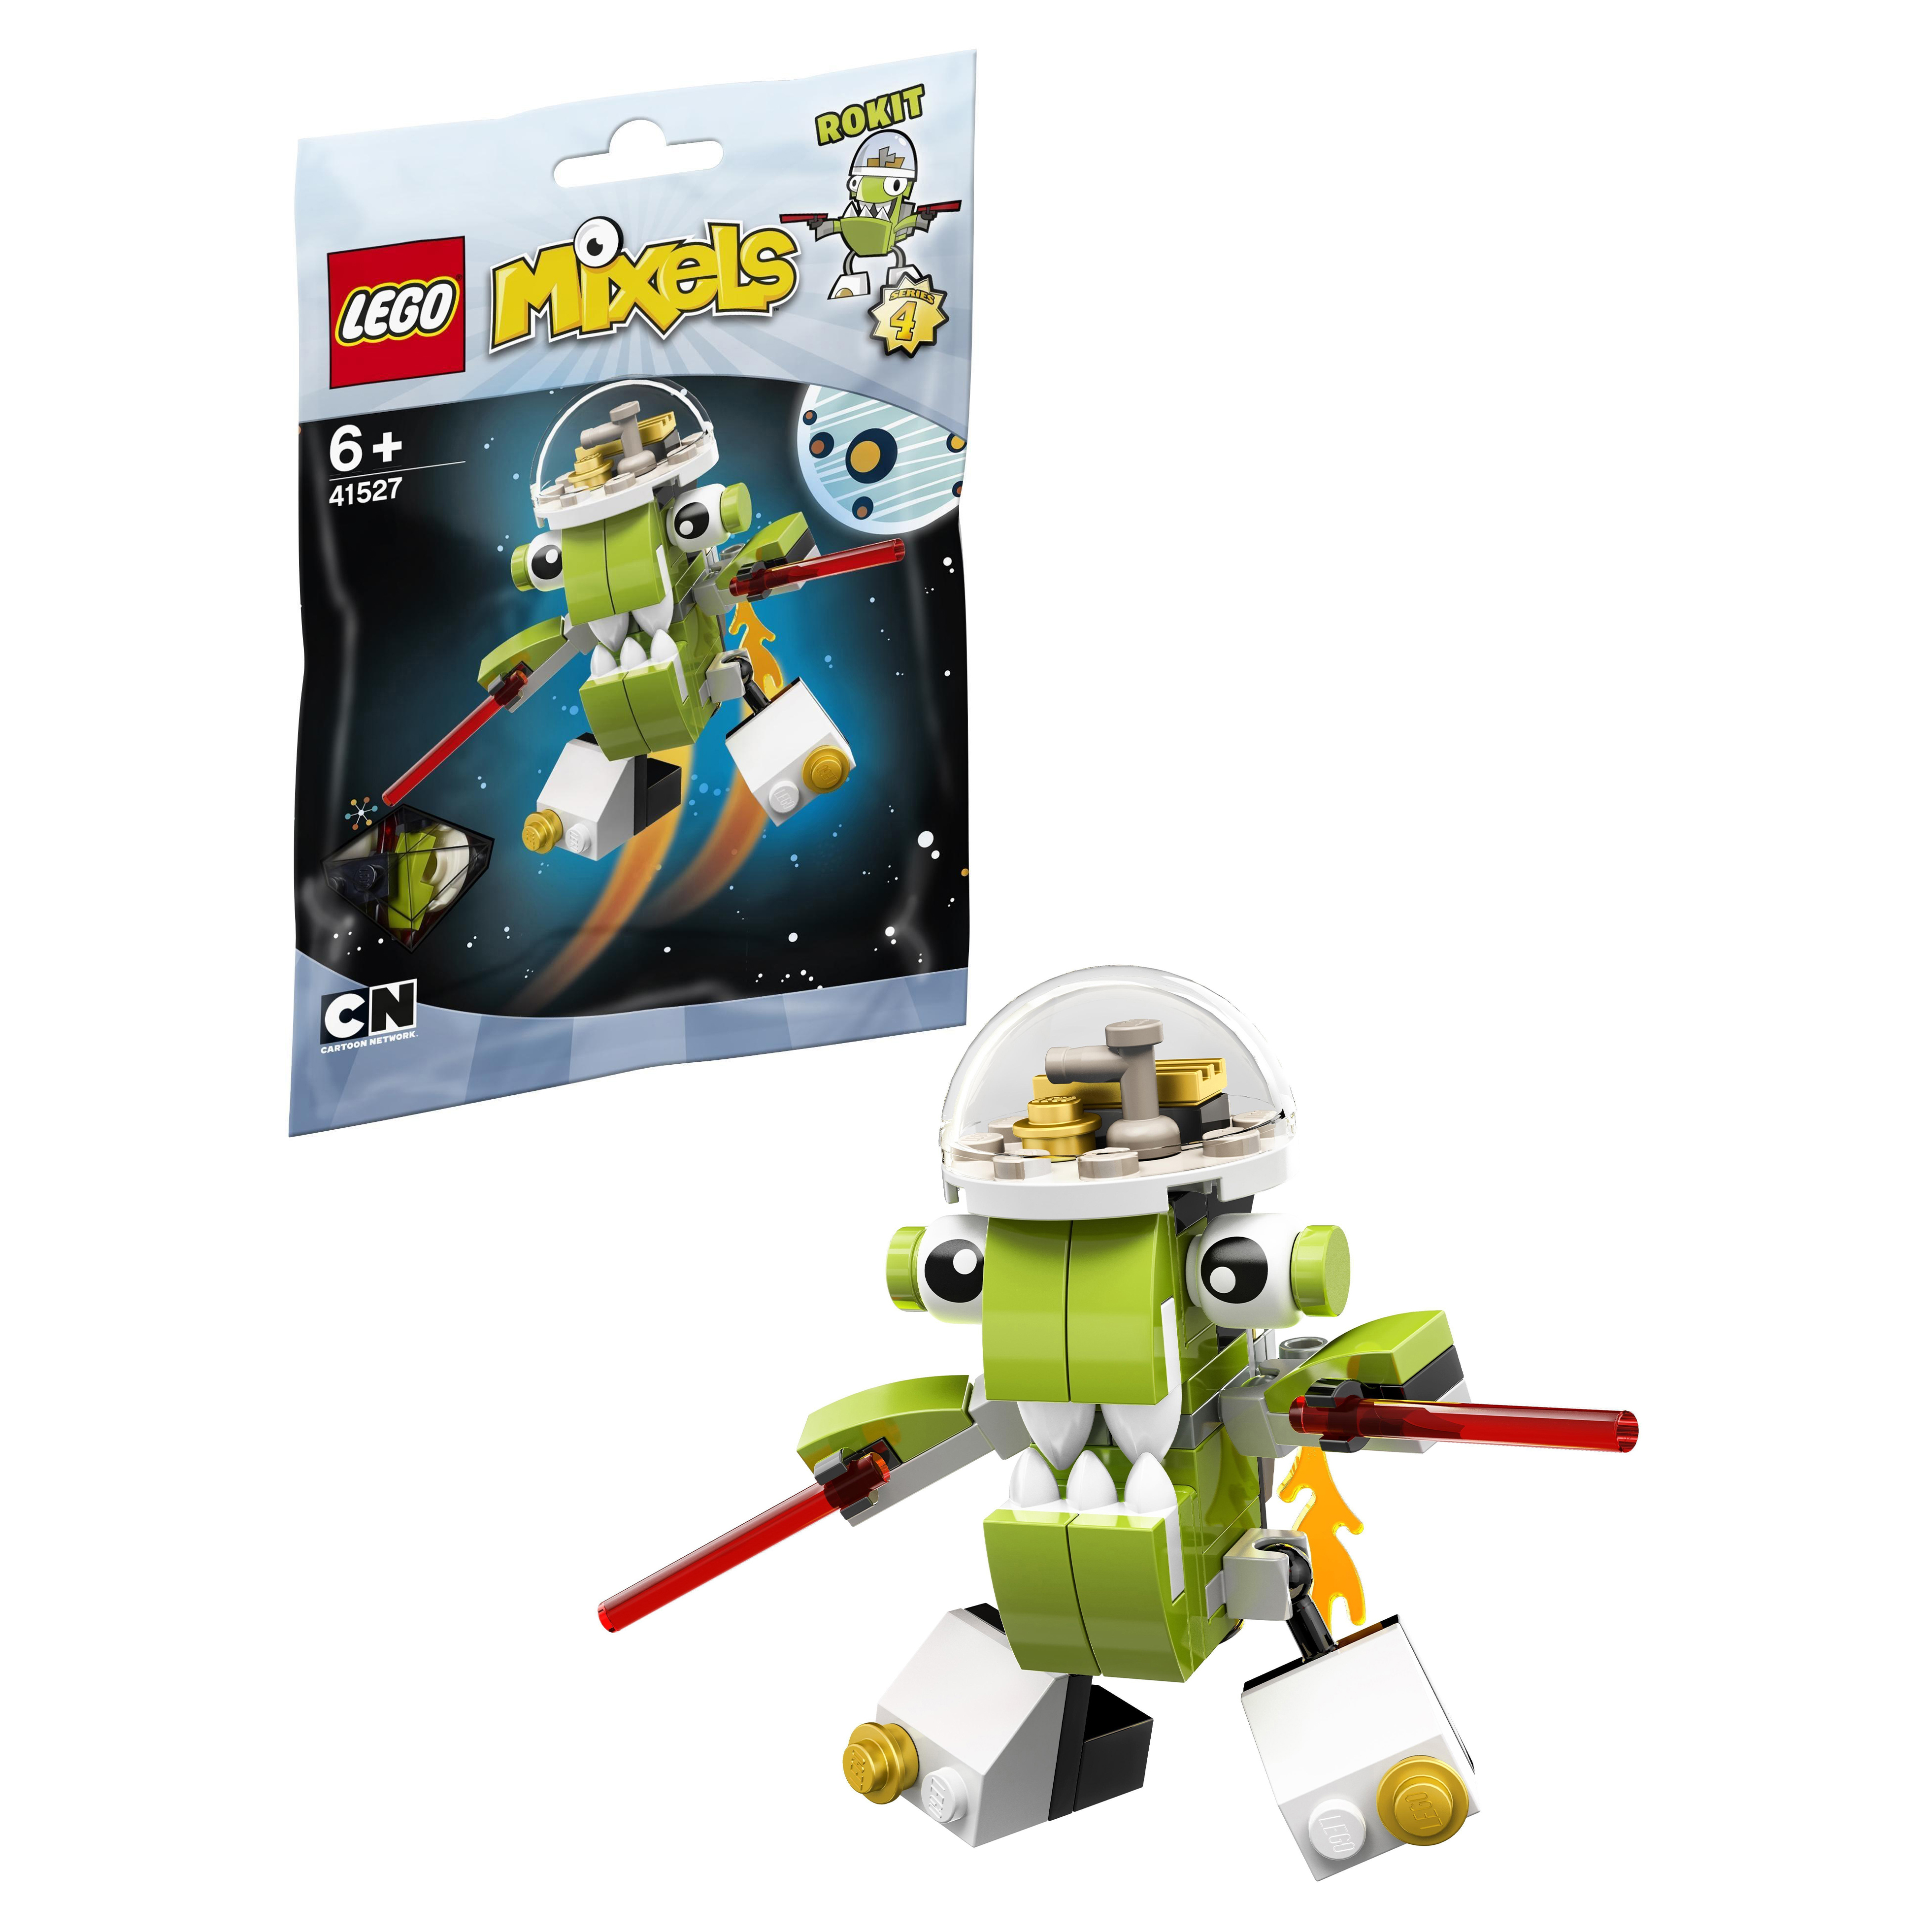 Конструктор LEGO Mixels Рокит (41527)